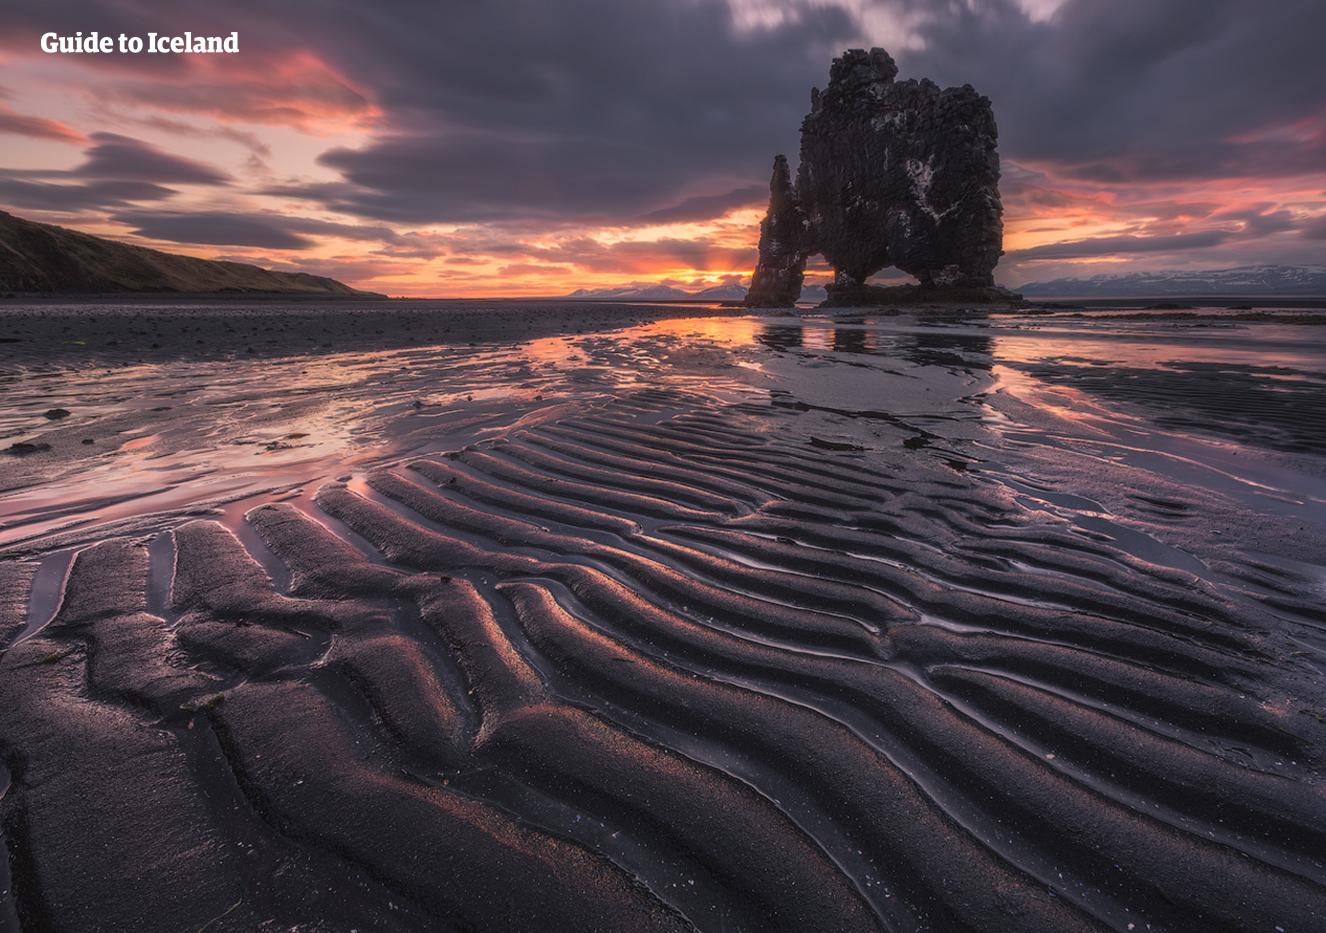 Autotour hiver de 12 jours | Tour de l'Islande et découverte de Snaefellsnes - day 10